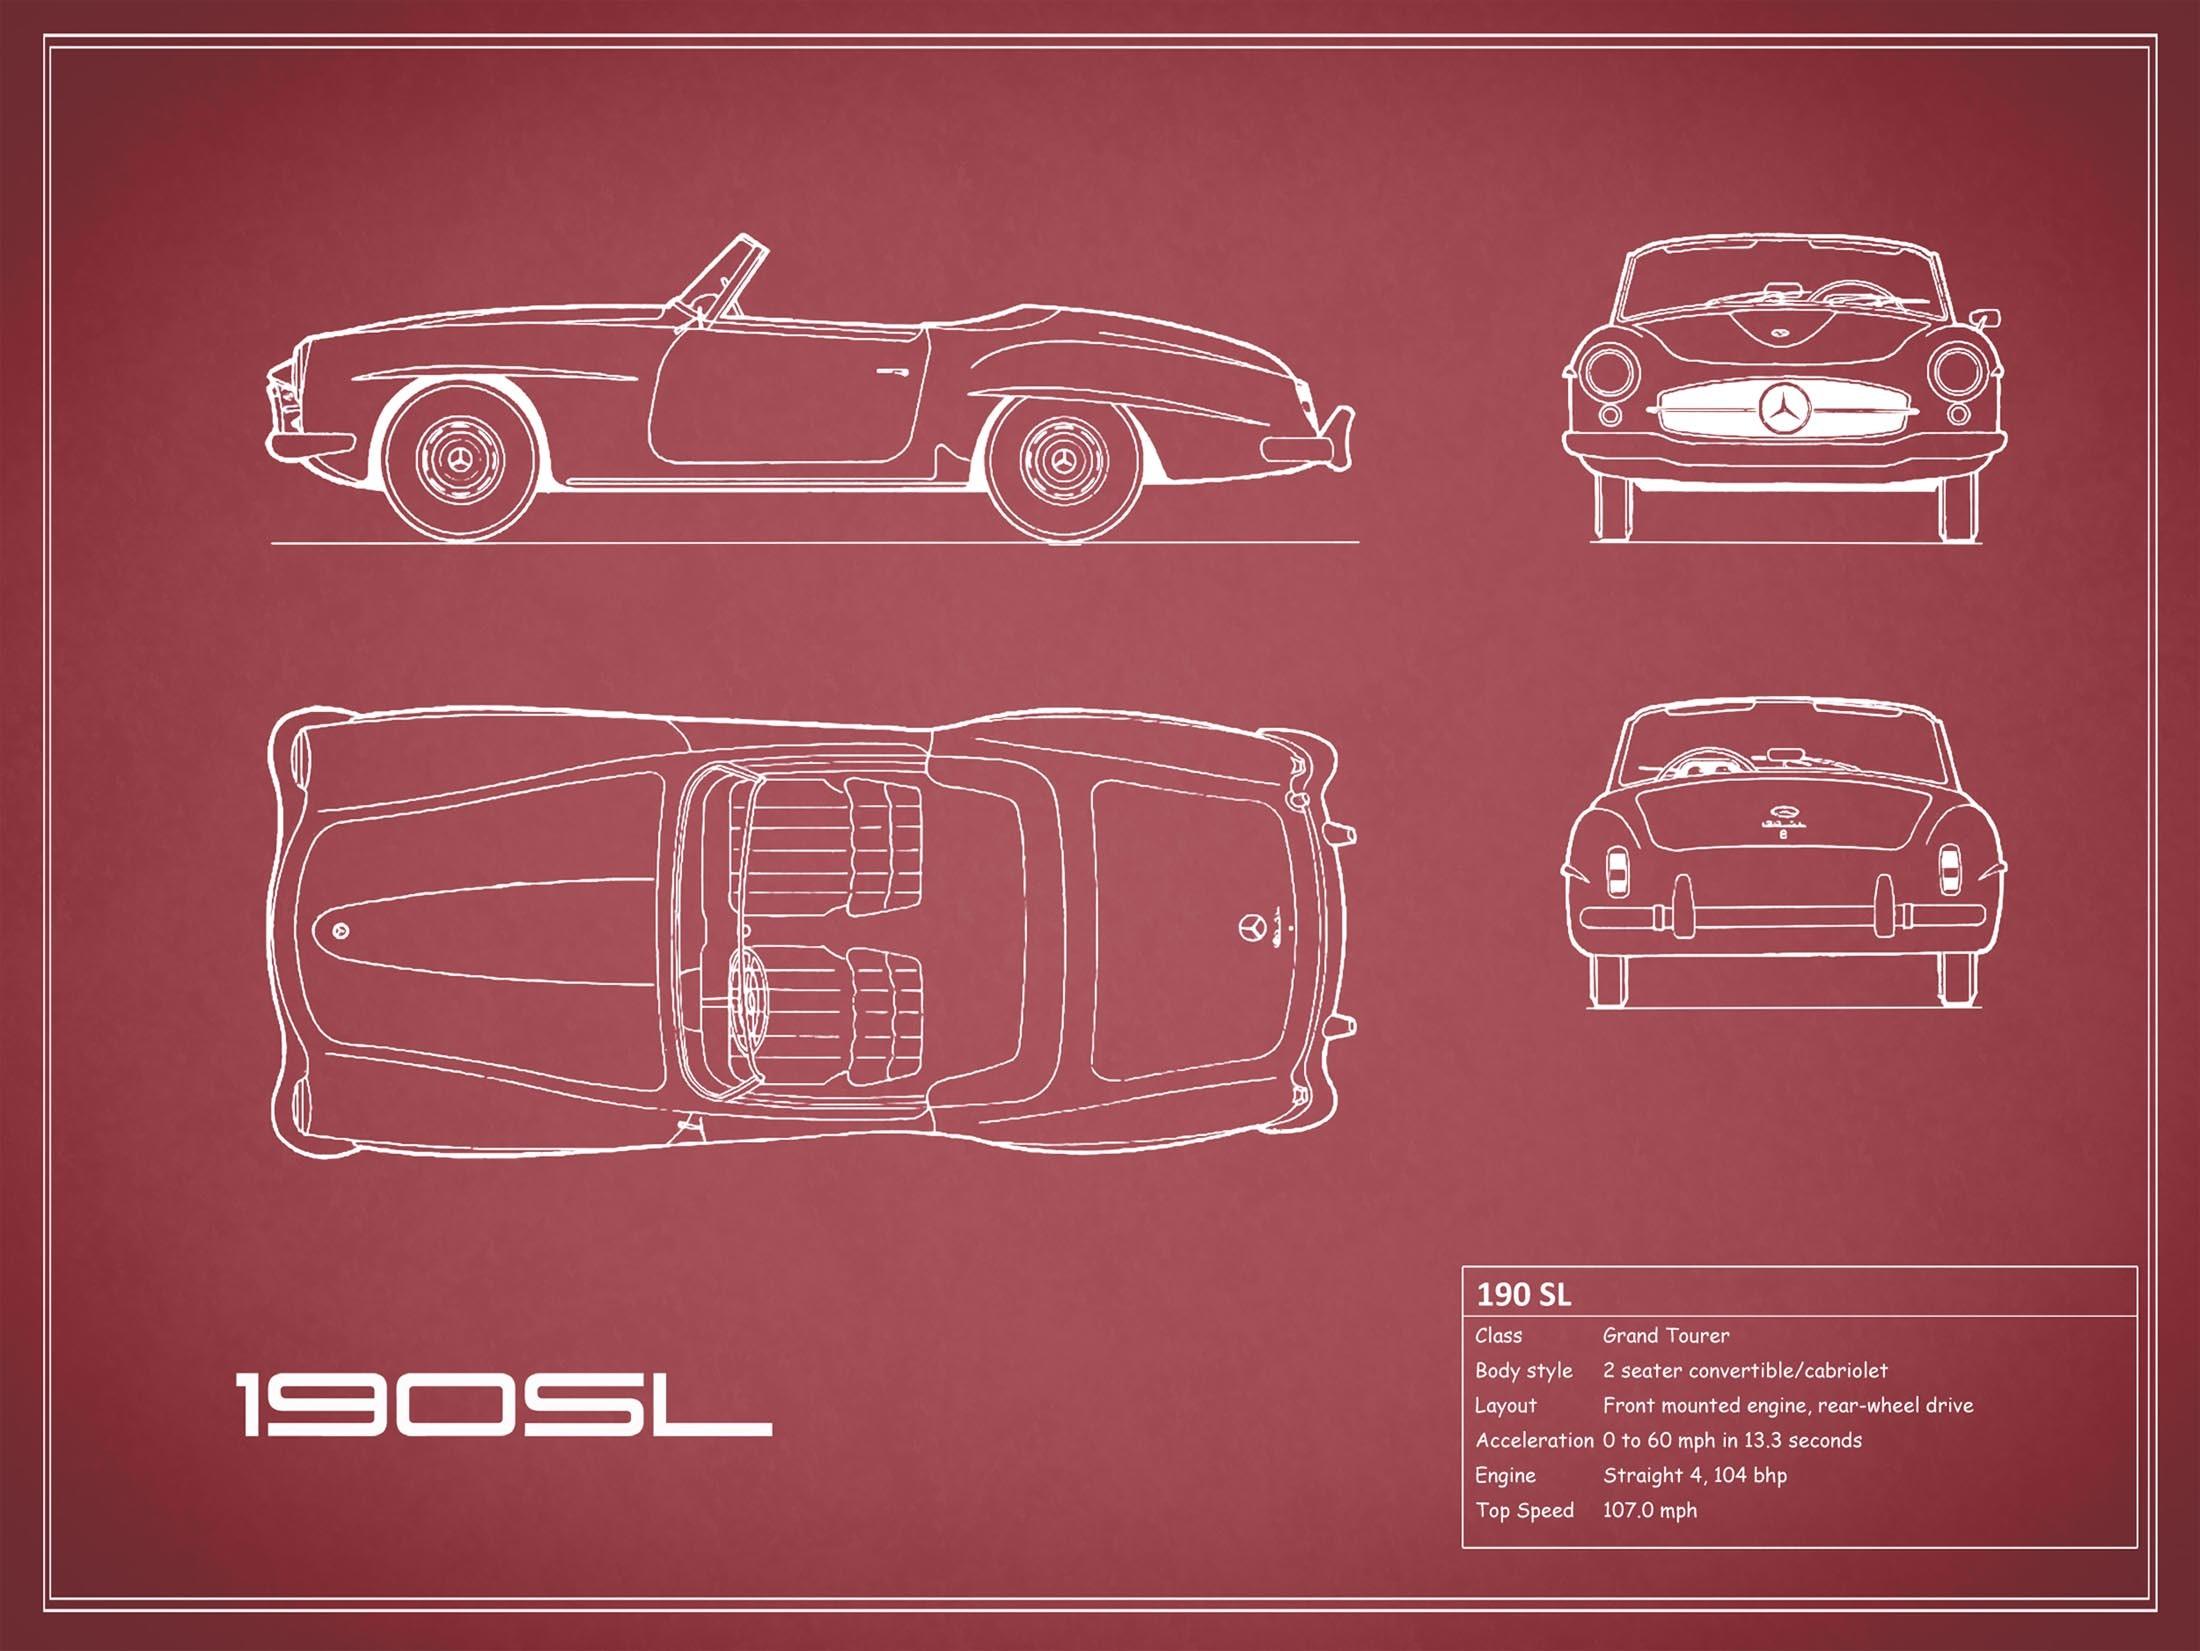 Mercedes-Benz 190 SL - Red